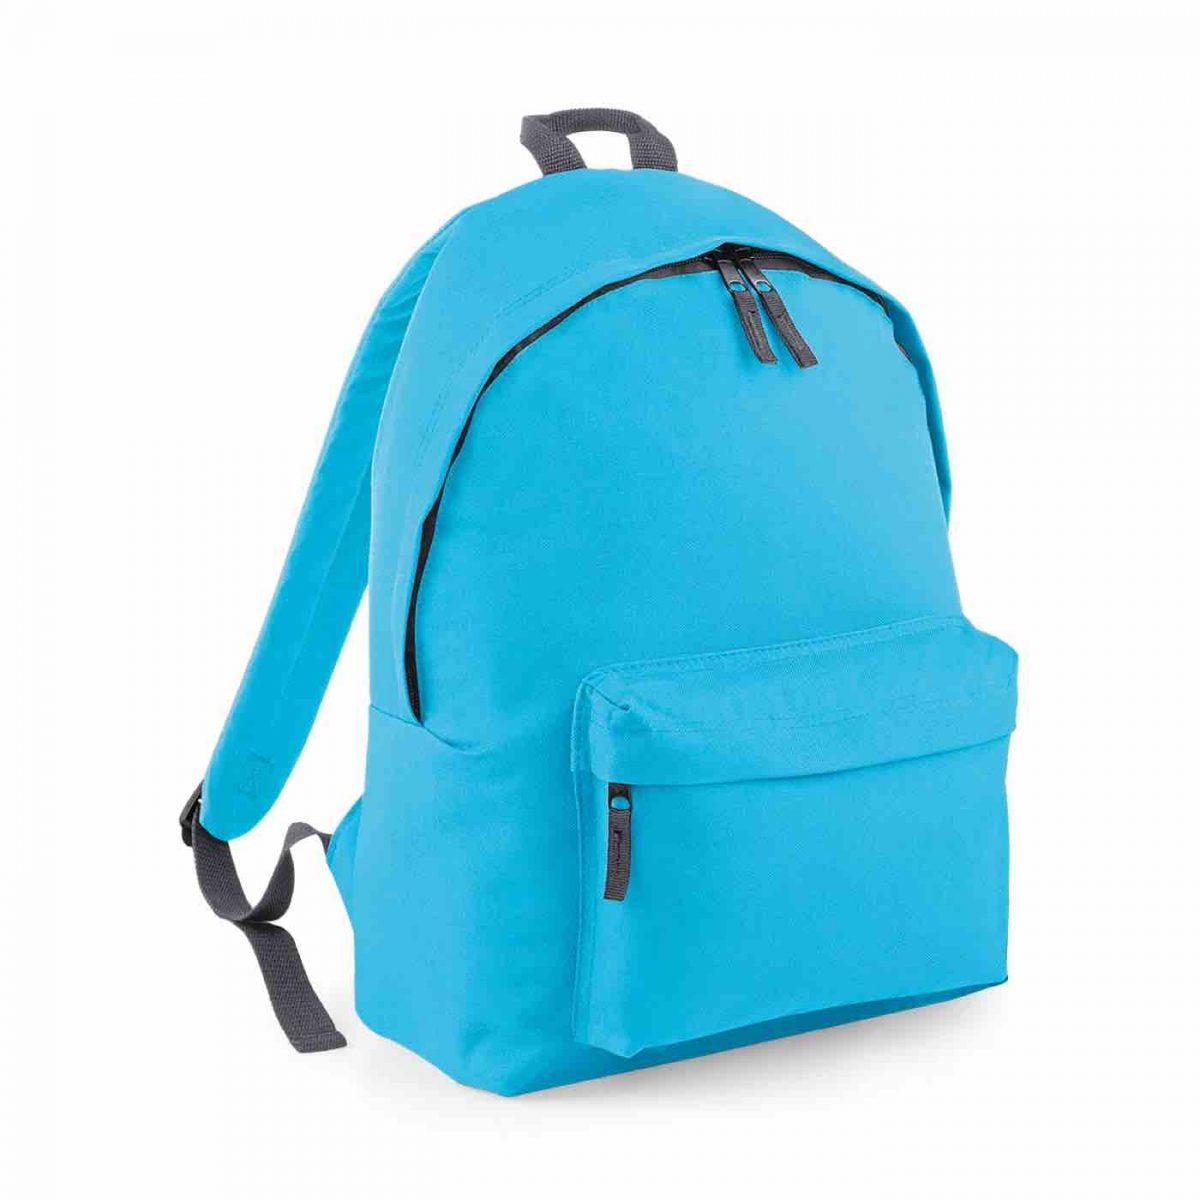 Surf Blue Back Pack